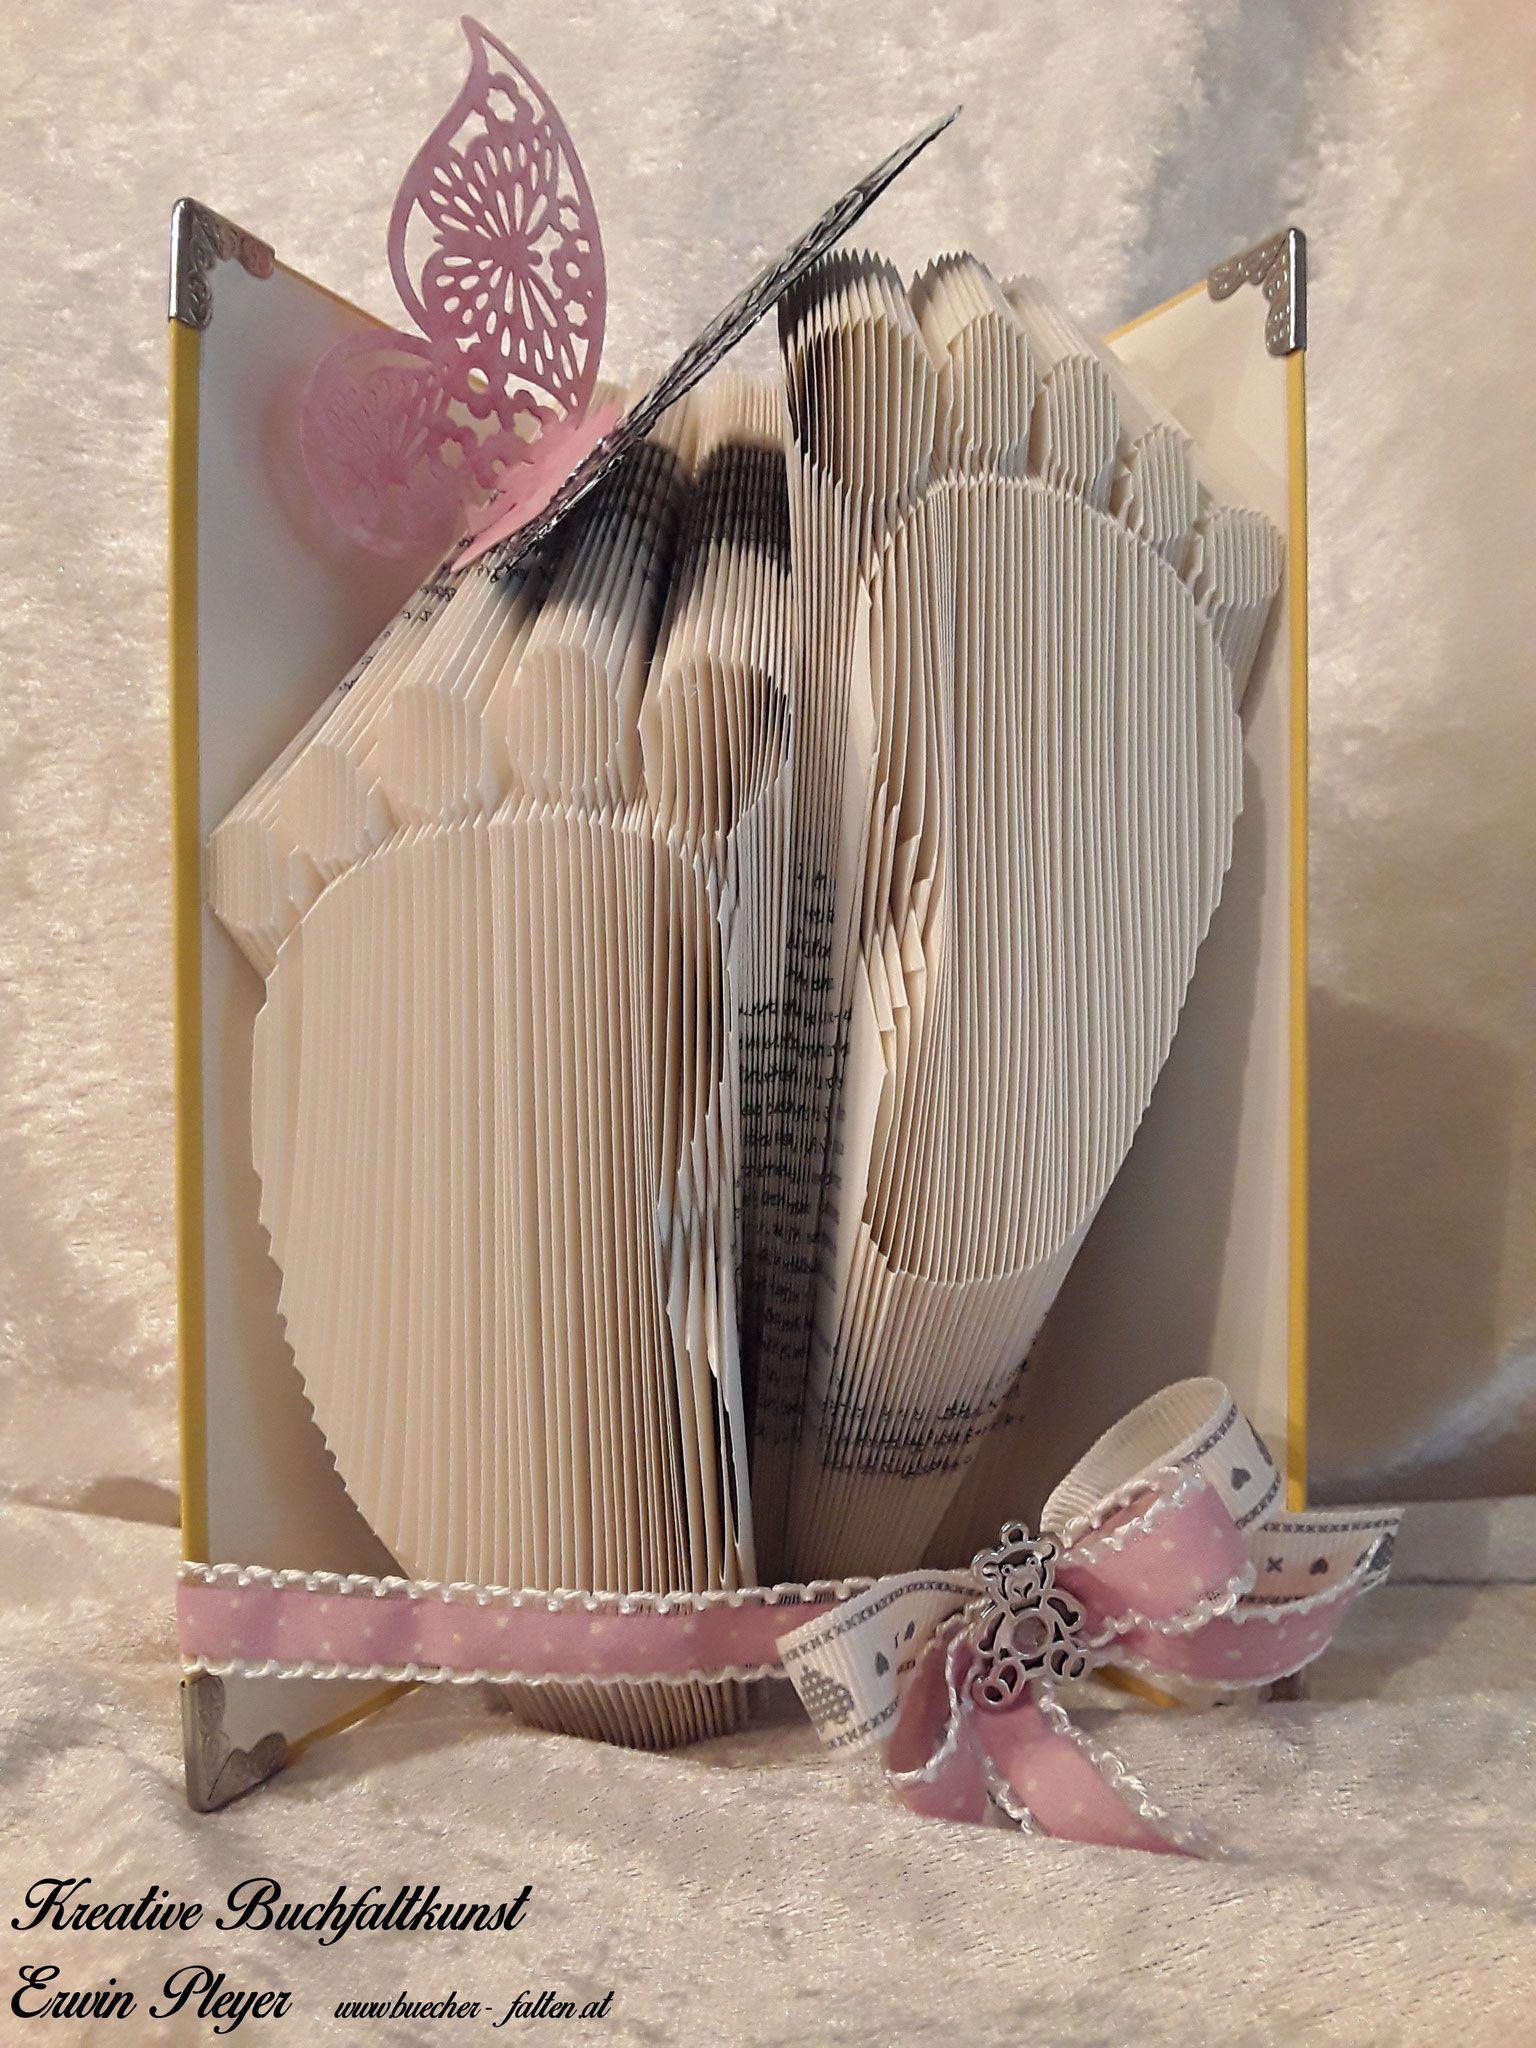 Babyfüße In Ein Buch Gefaltet Zur Geburt Oder Taufe Ein